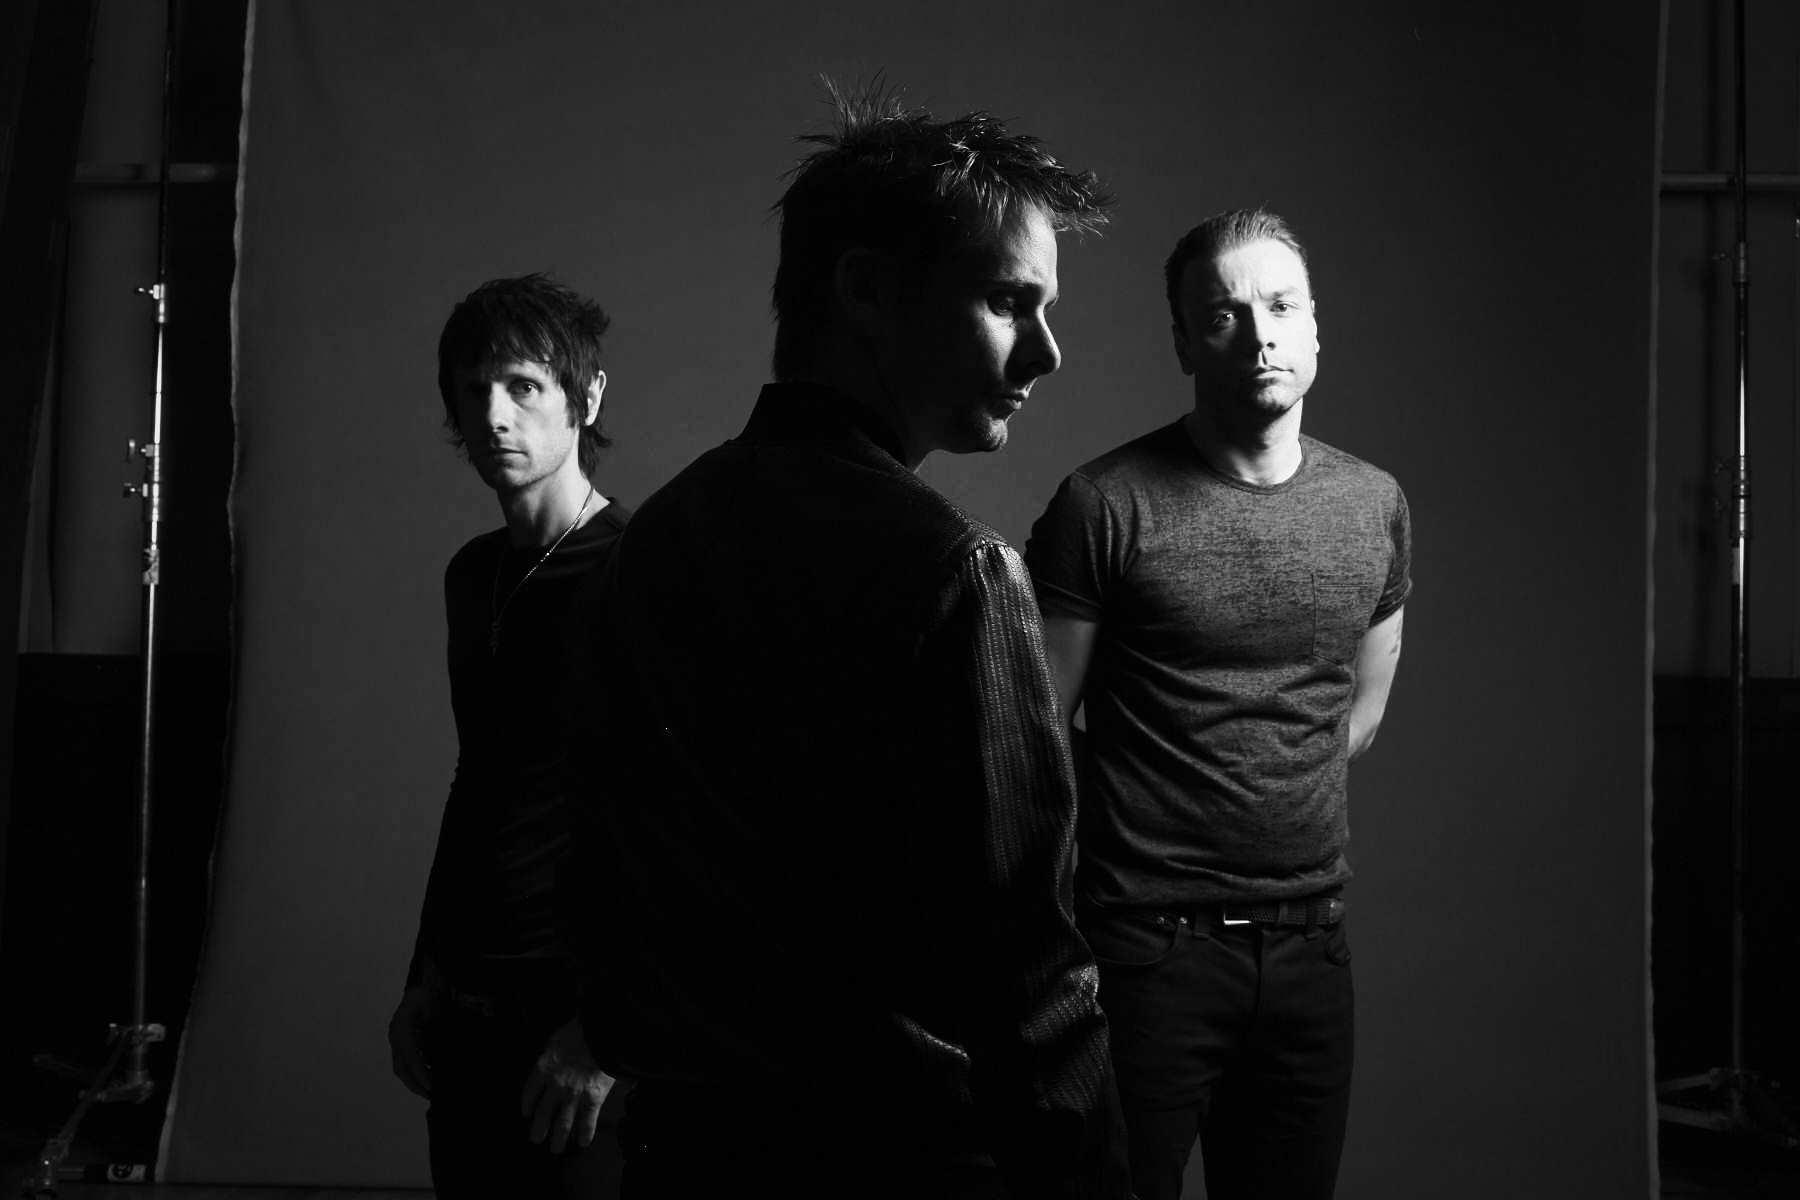 Muse выпустили альбом Drones темой которого является Третья мировая война 28